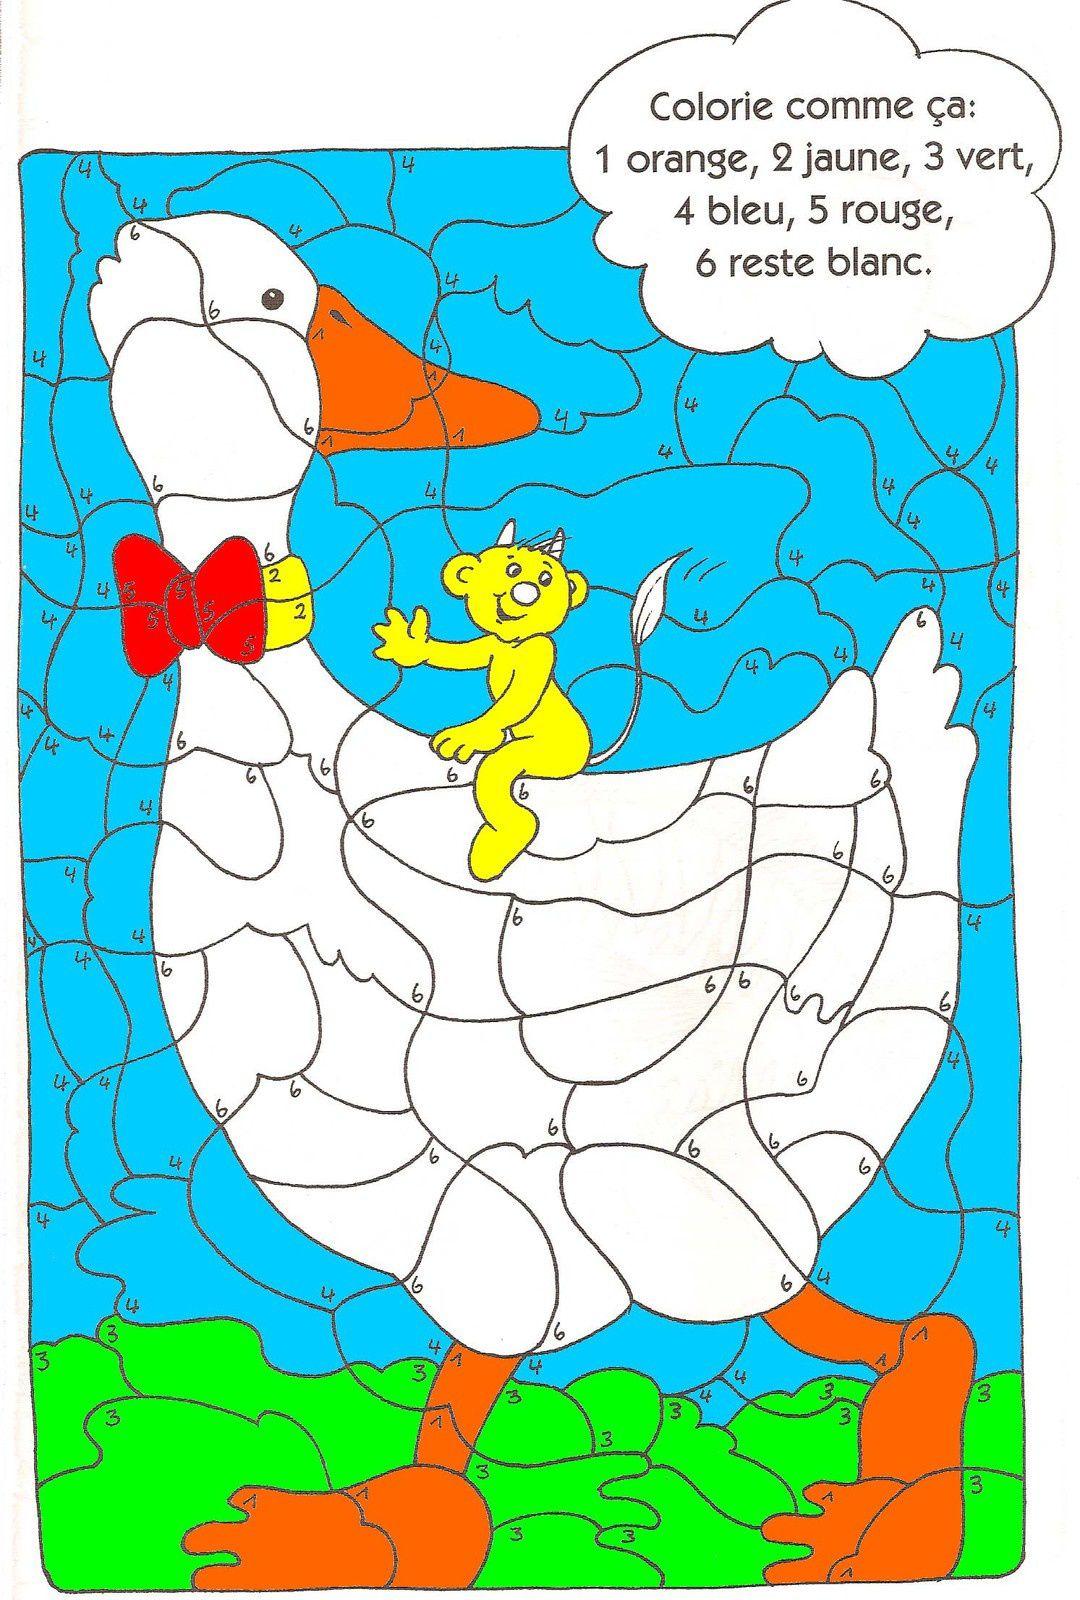 Coloriage magique conjugaison : les personnes.